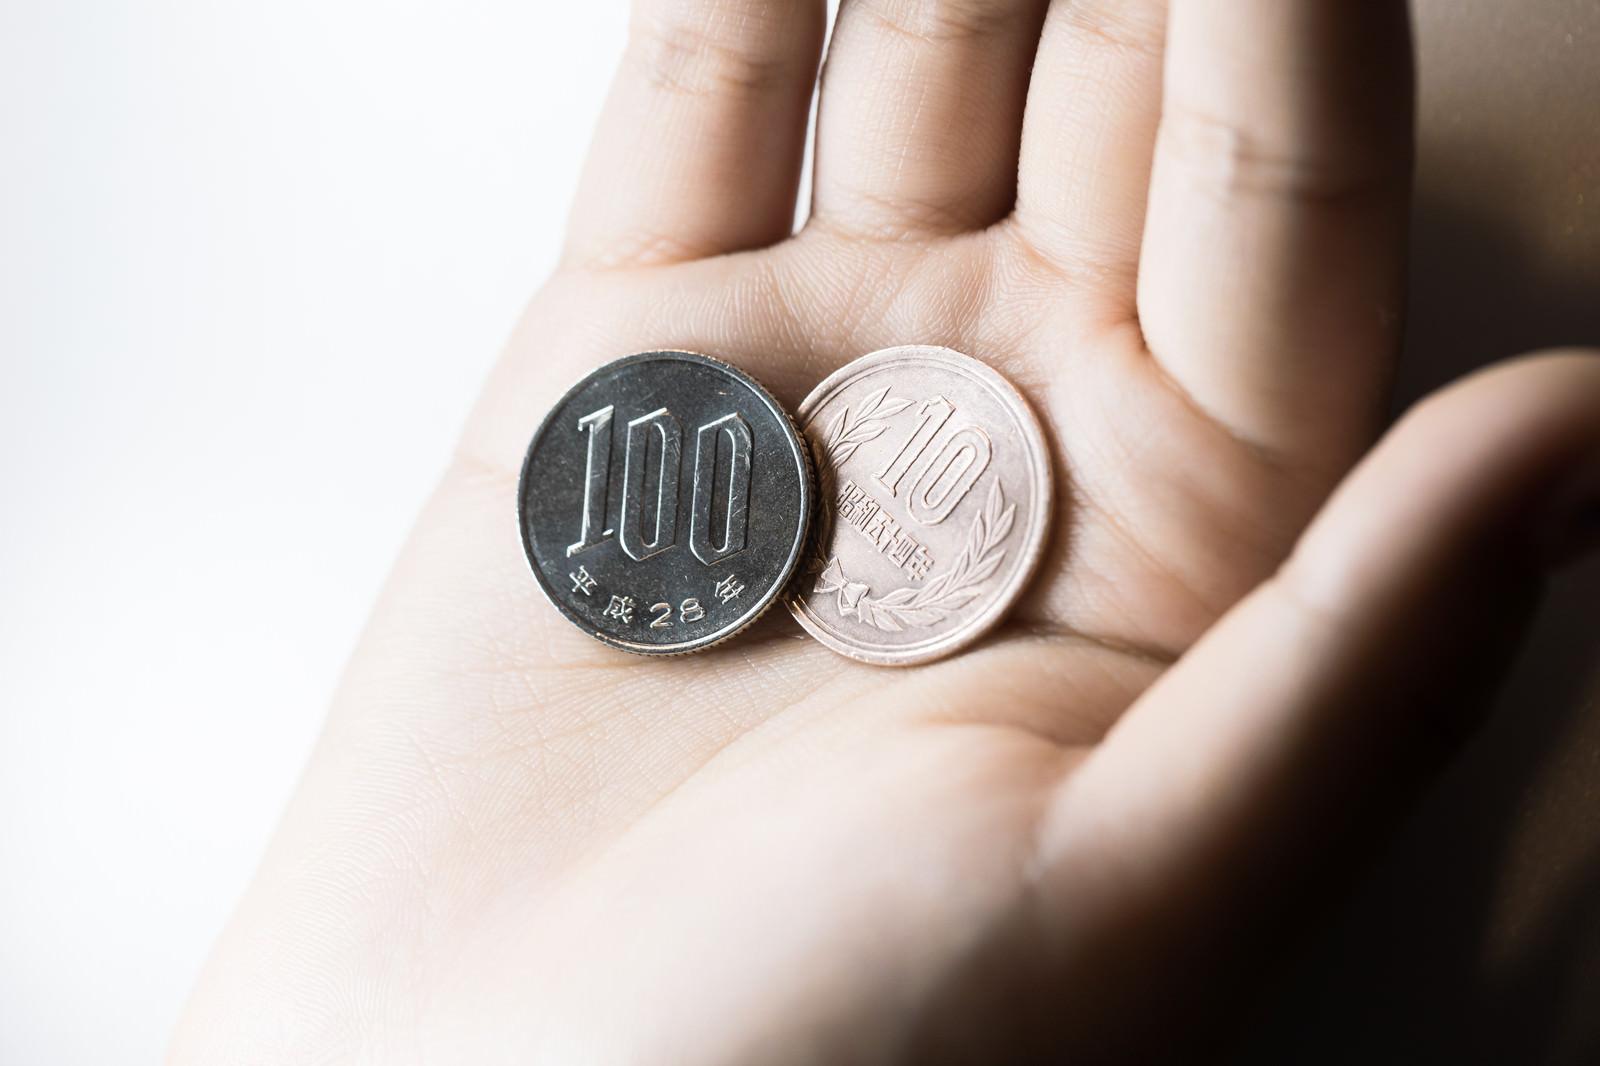 「お会計税込み(10%)110円です。」の写真